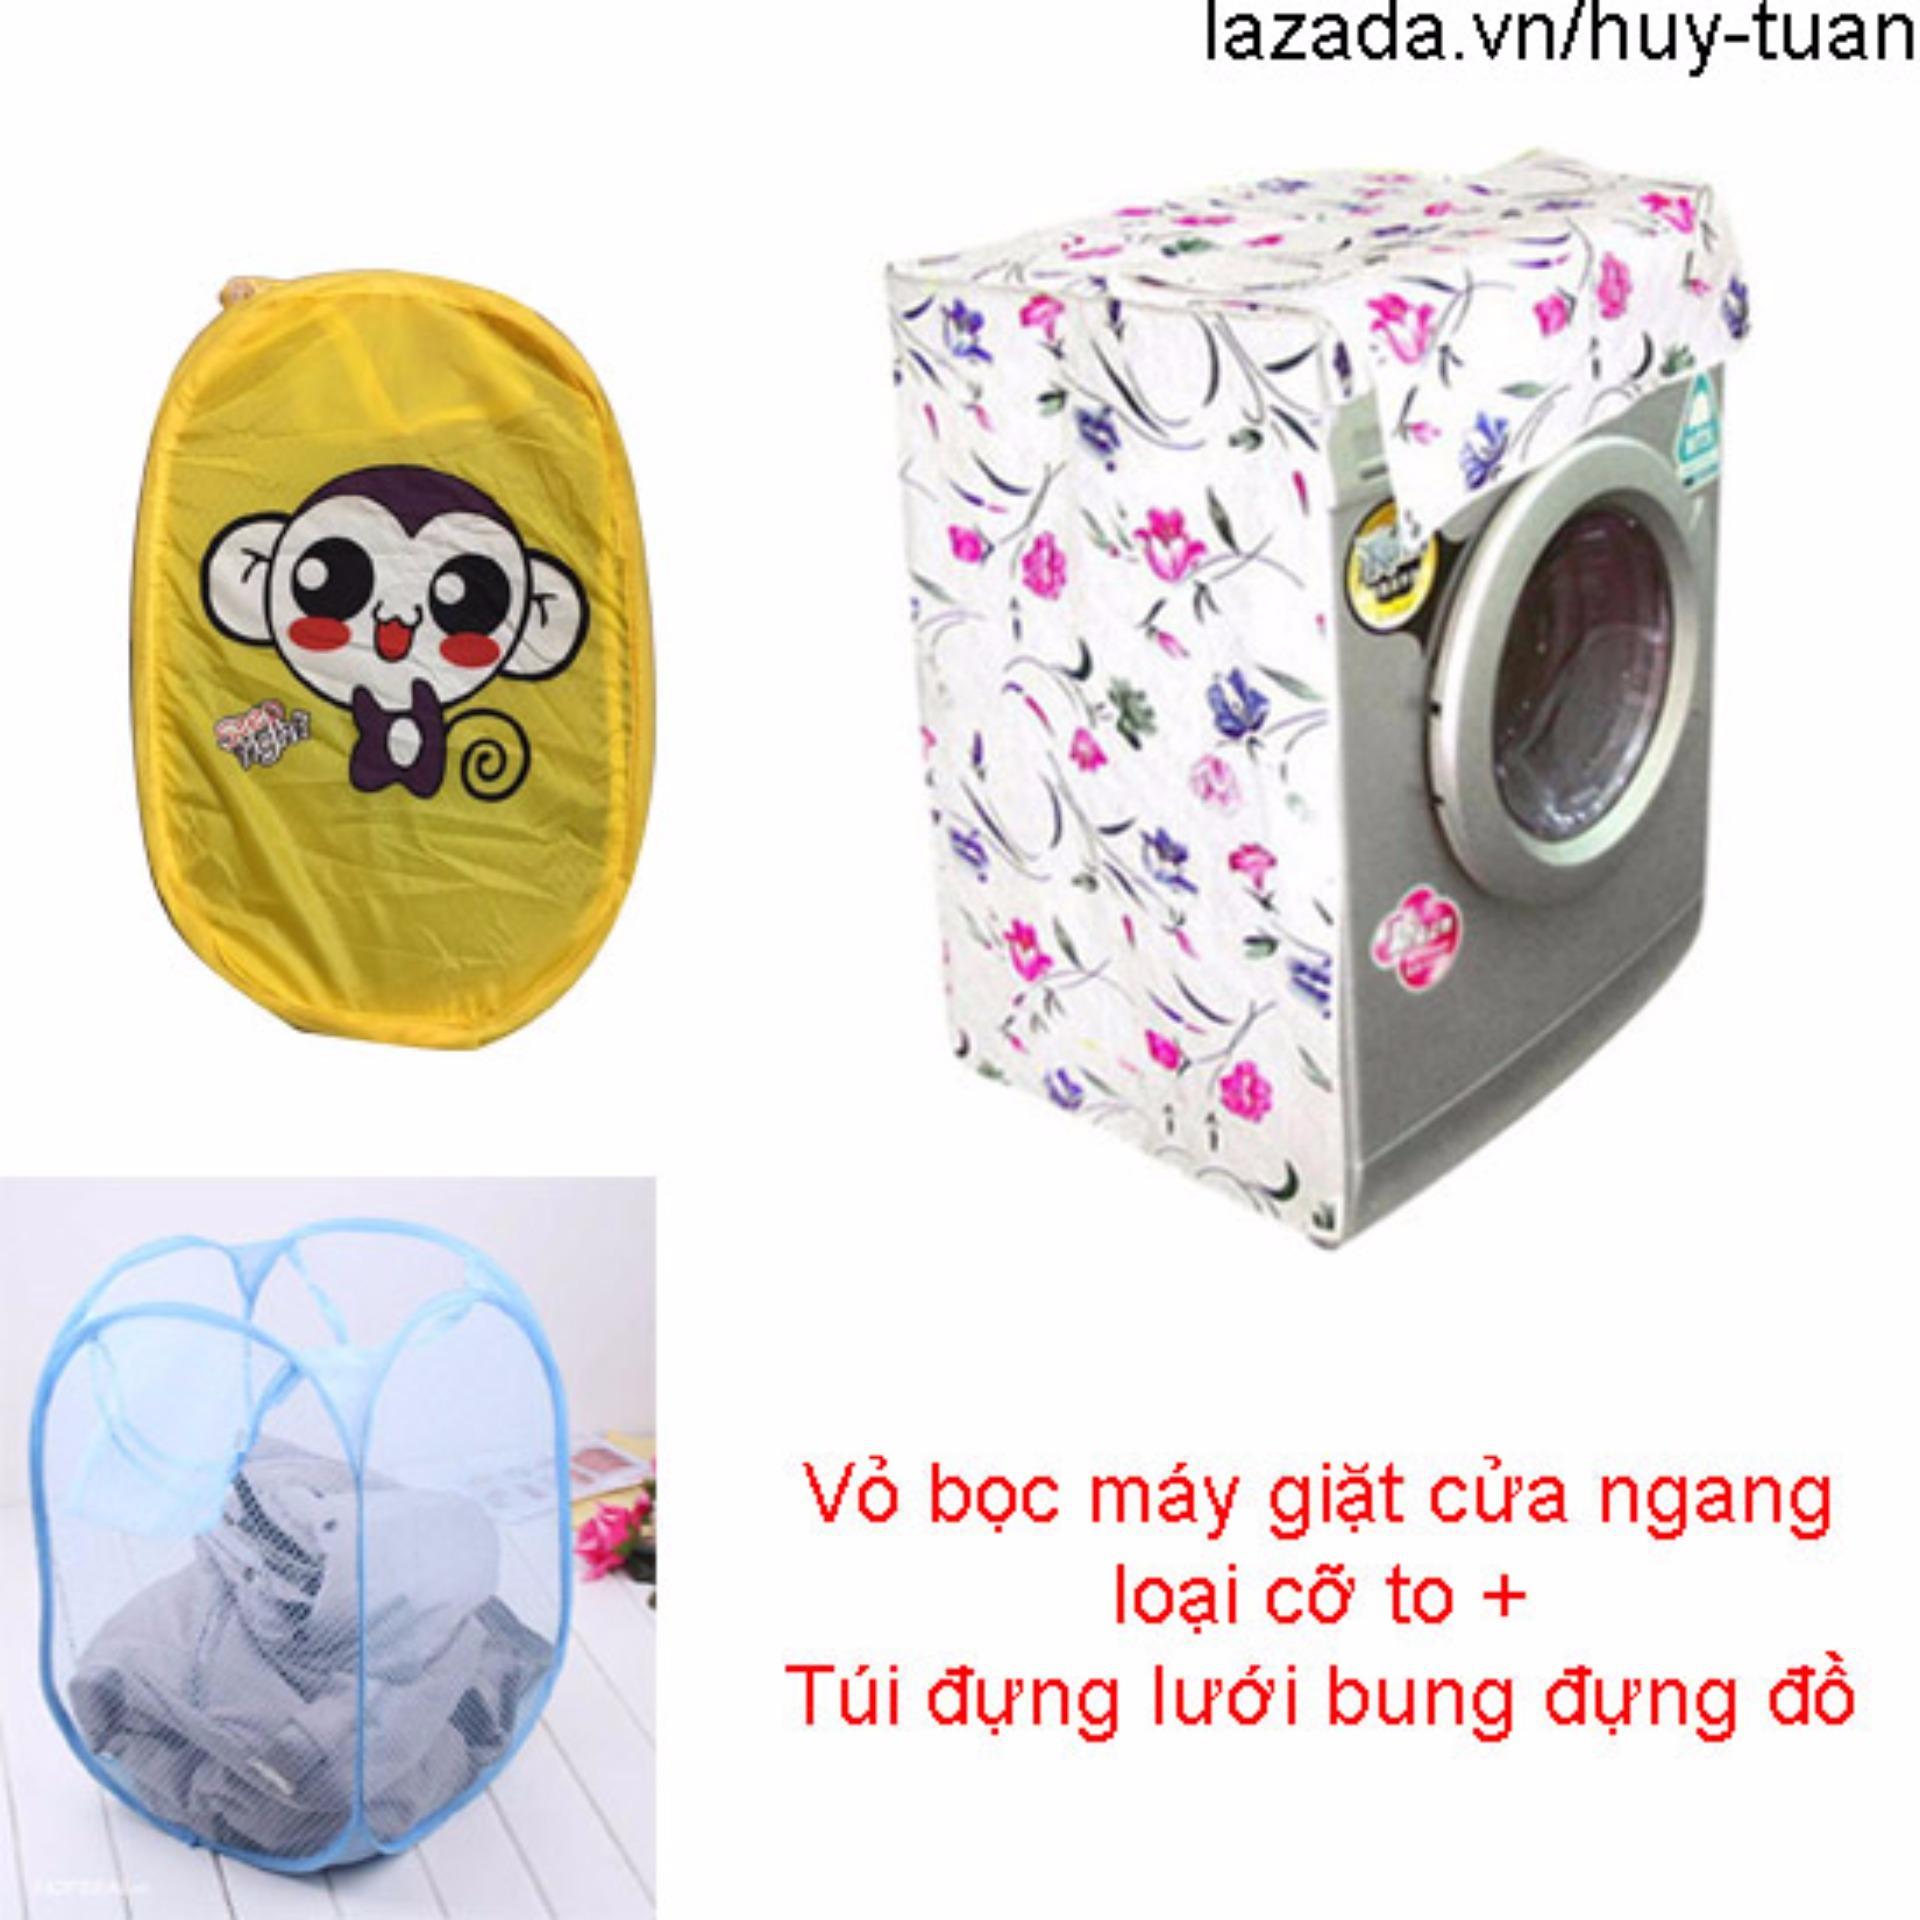 Vỏ bọc máy giặt cửa ngang cỡ to ( màu ngẫu nhiên ) + túi lưới bung ( Vàng )